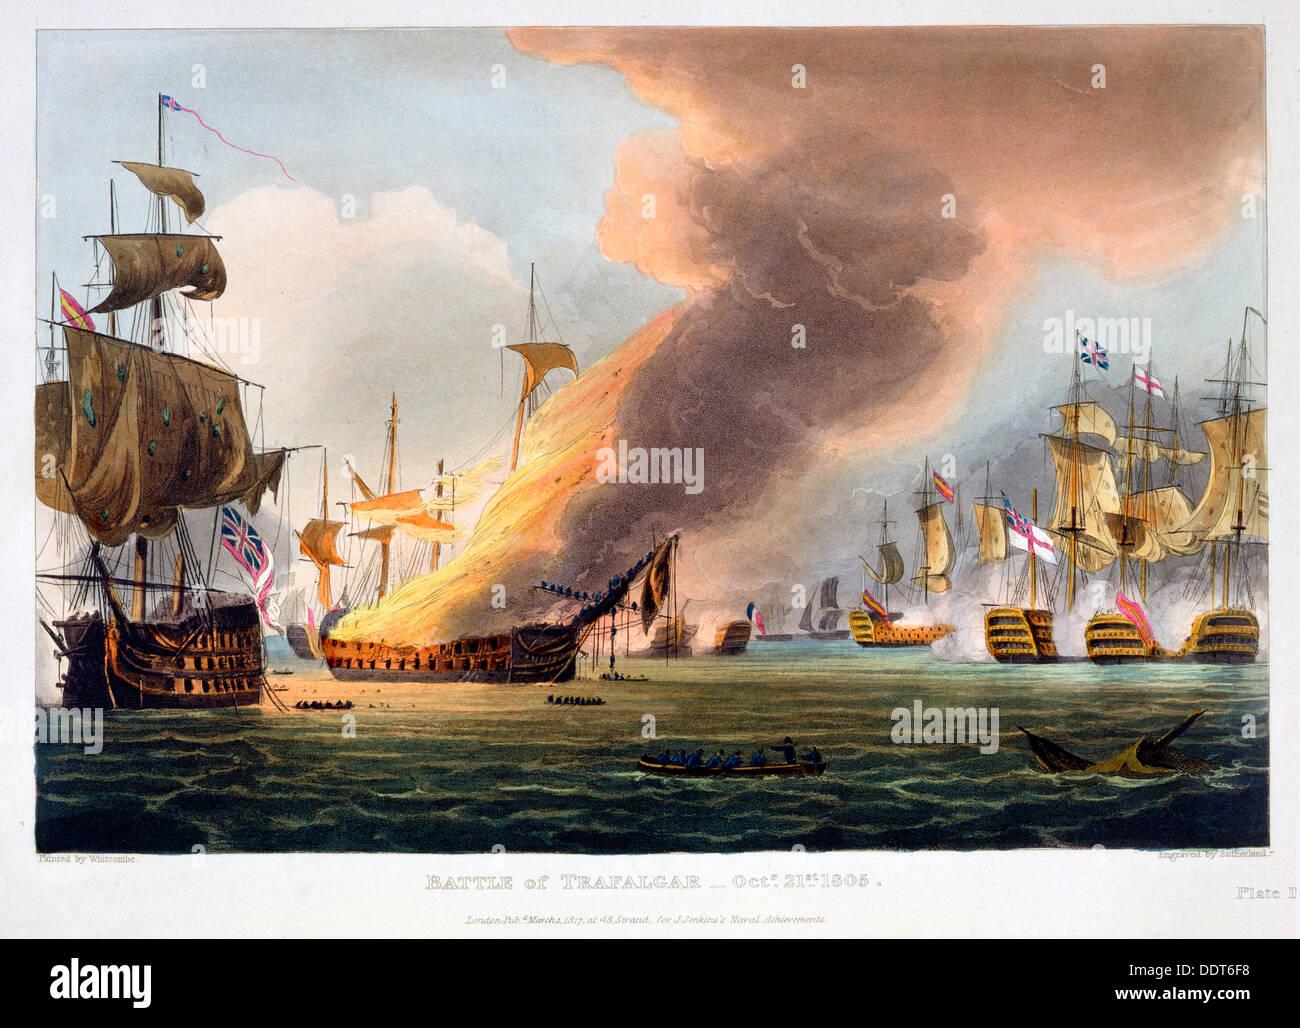 La Battaglia di Trafalgar, 21 ottobre 1805 (1816). Artista: Thomas Sutherland Immagini Stock